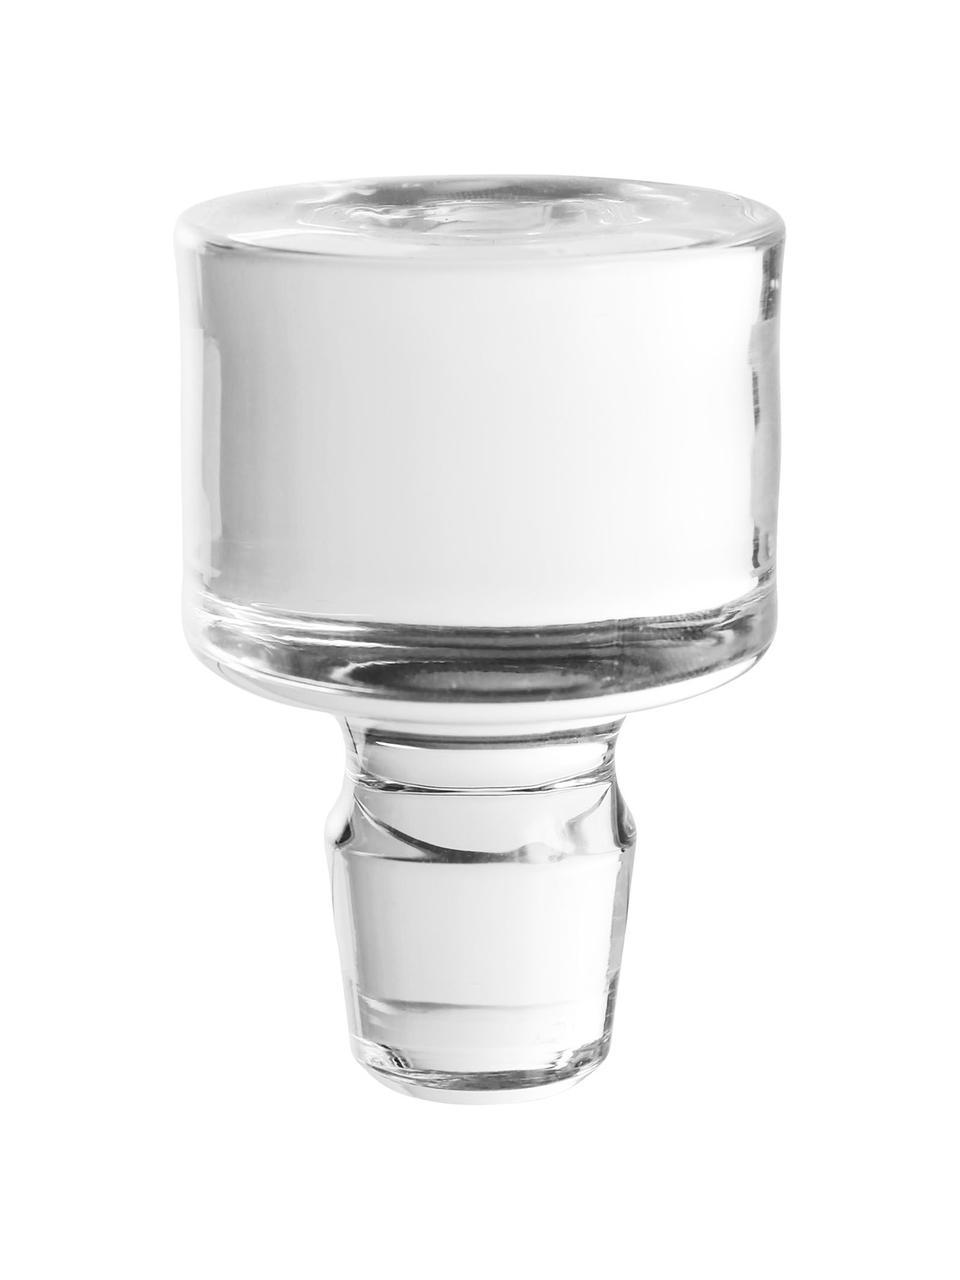 Kristall-Dekanter Fine mit Relief, 860 ml, Kristallglas, Transparent, H 22 cm